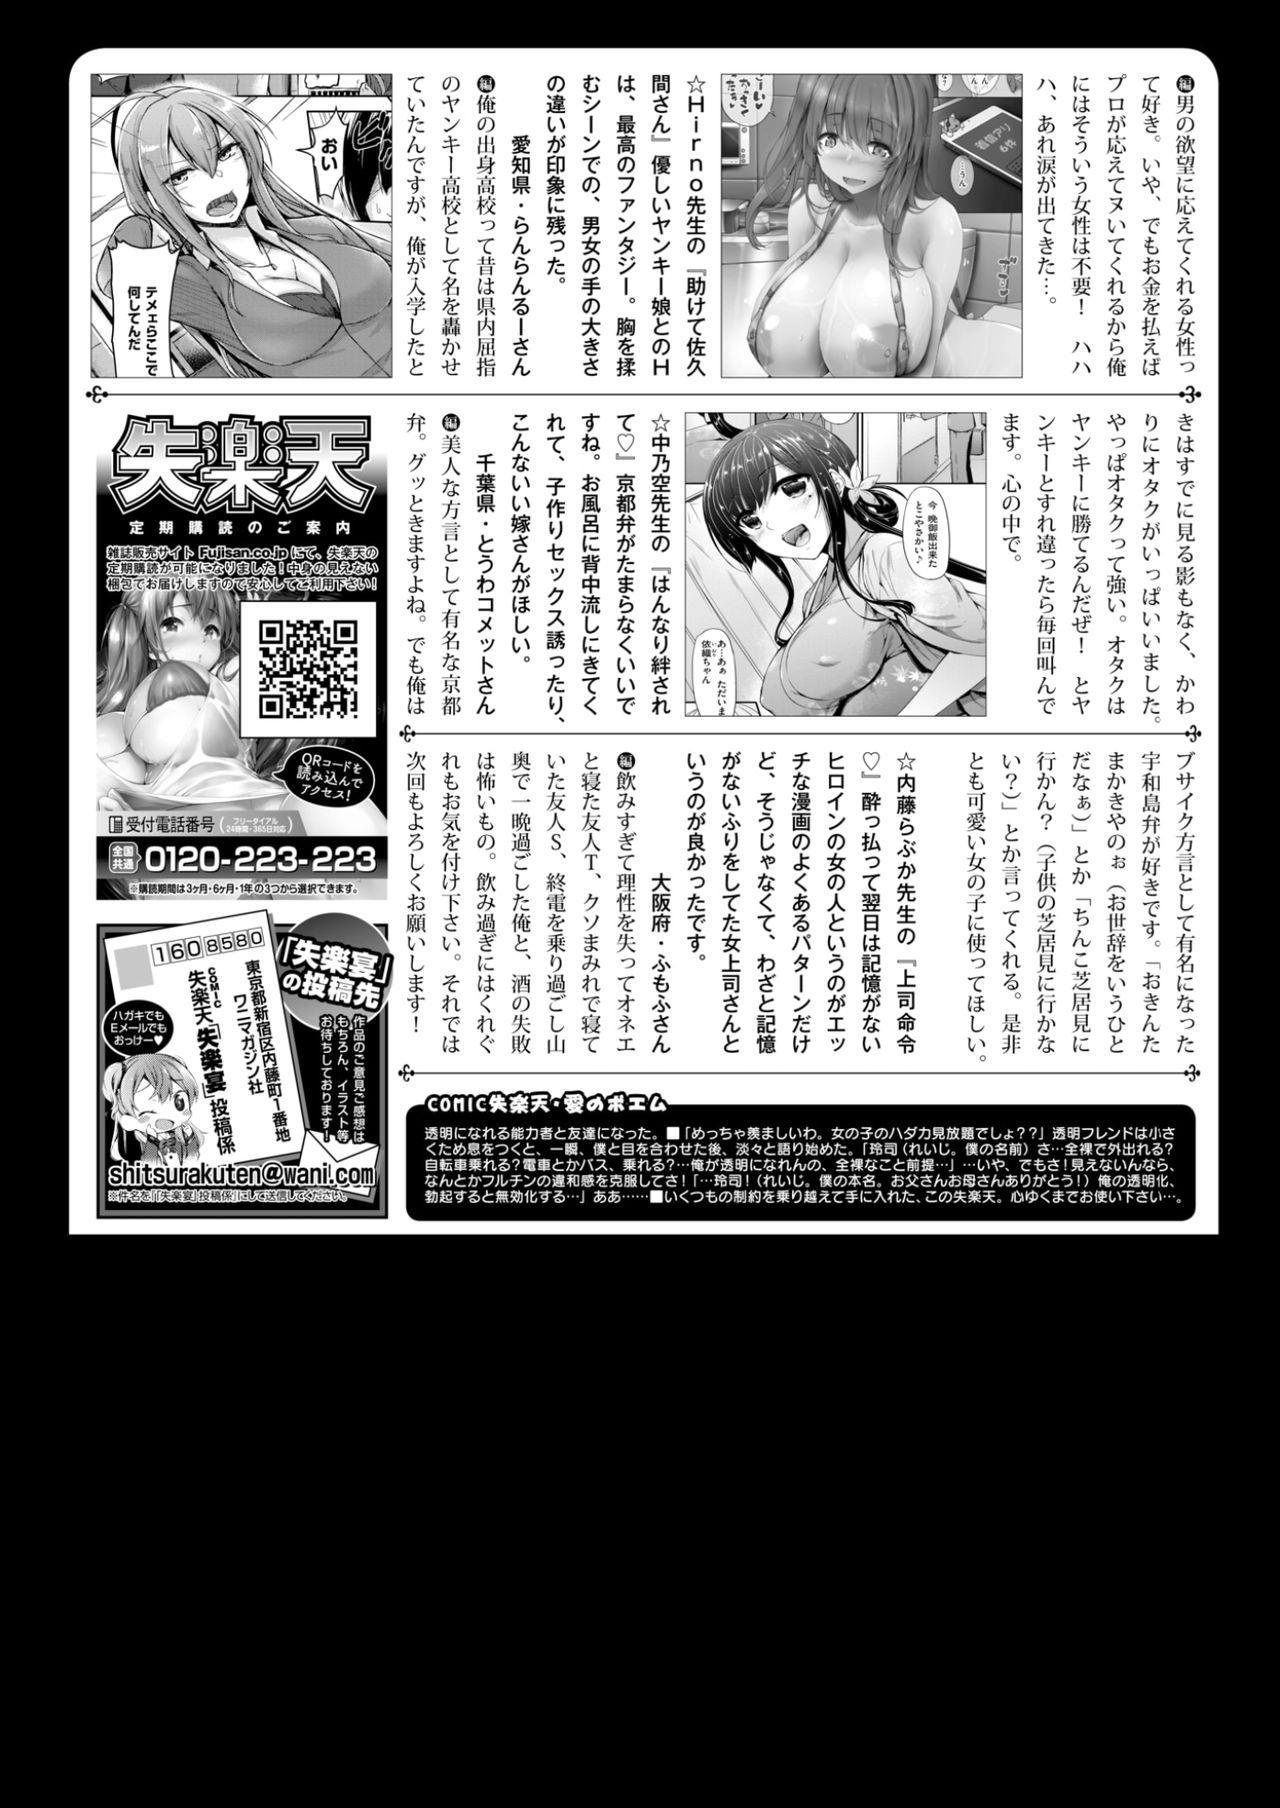 COMIC Shitsurakuten 2017-06 301